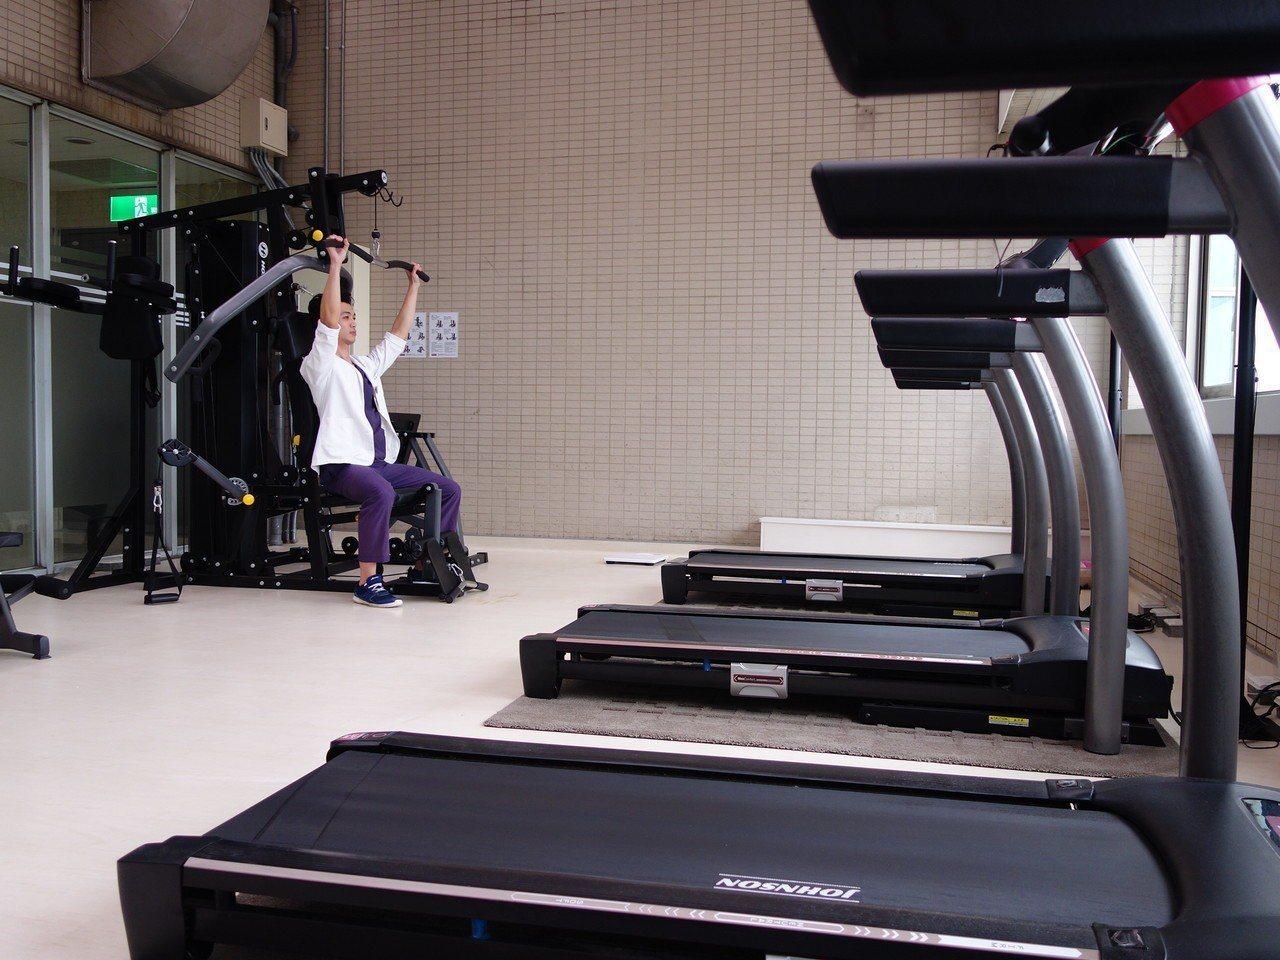 馬偕新竹分院103年啟用健身房,不少醫師、護理師利用休息時間來健身,每季超過千人...